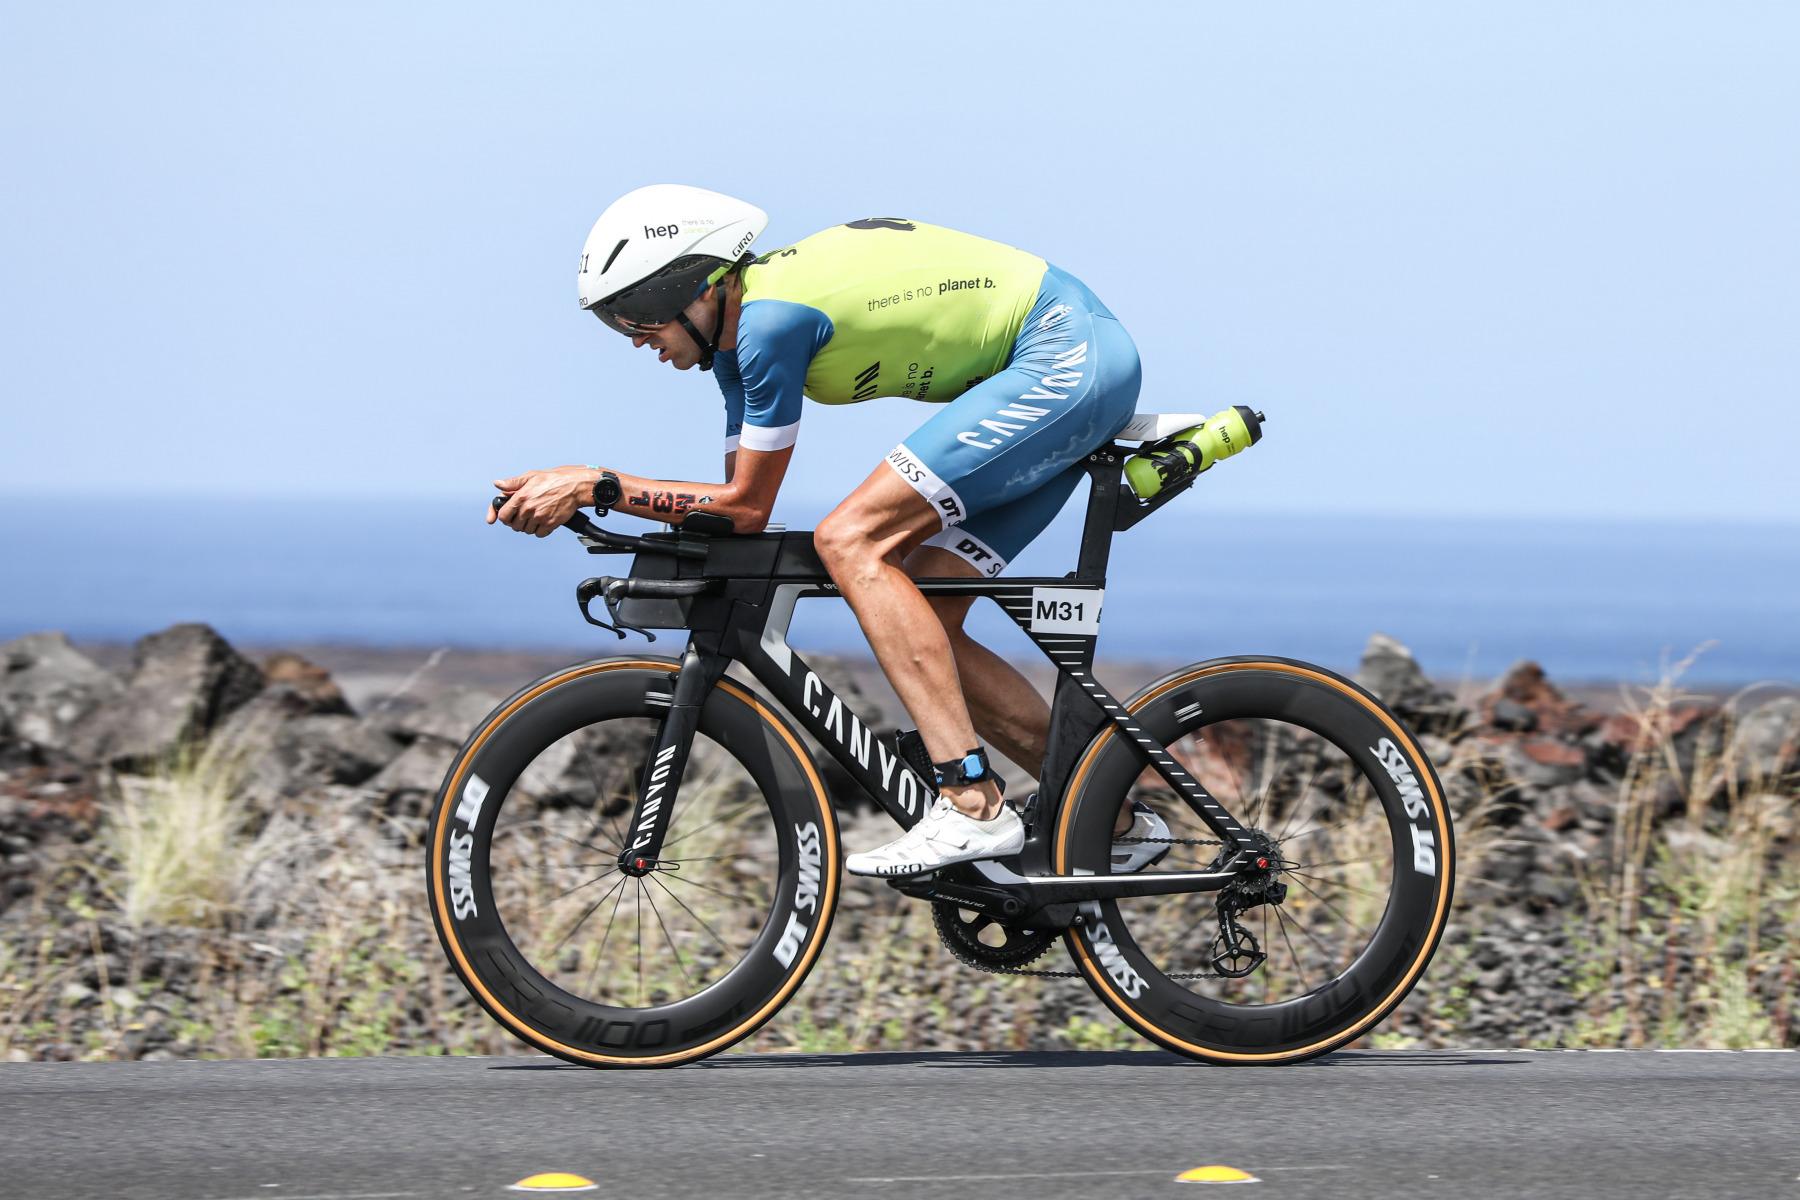 Auch Boris Stein ist gut dabei, steigt nach schnellster Radzeit aber bald auf der Marathonstrecke aus.